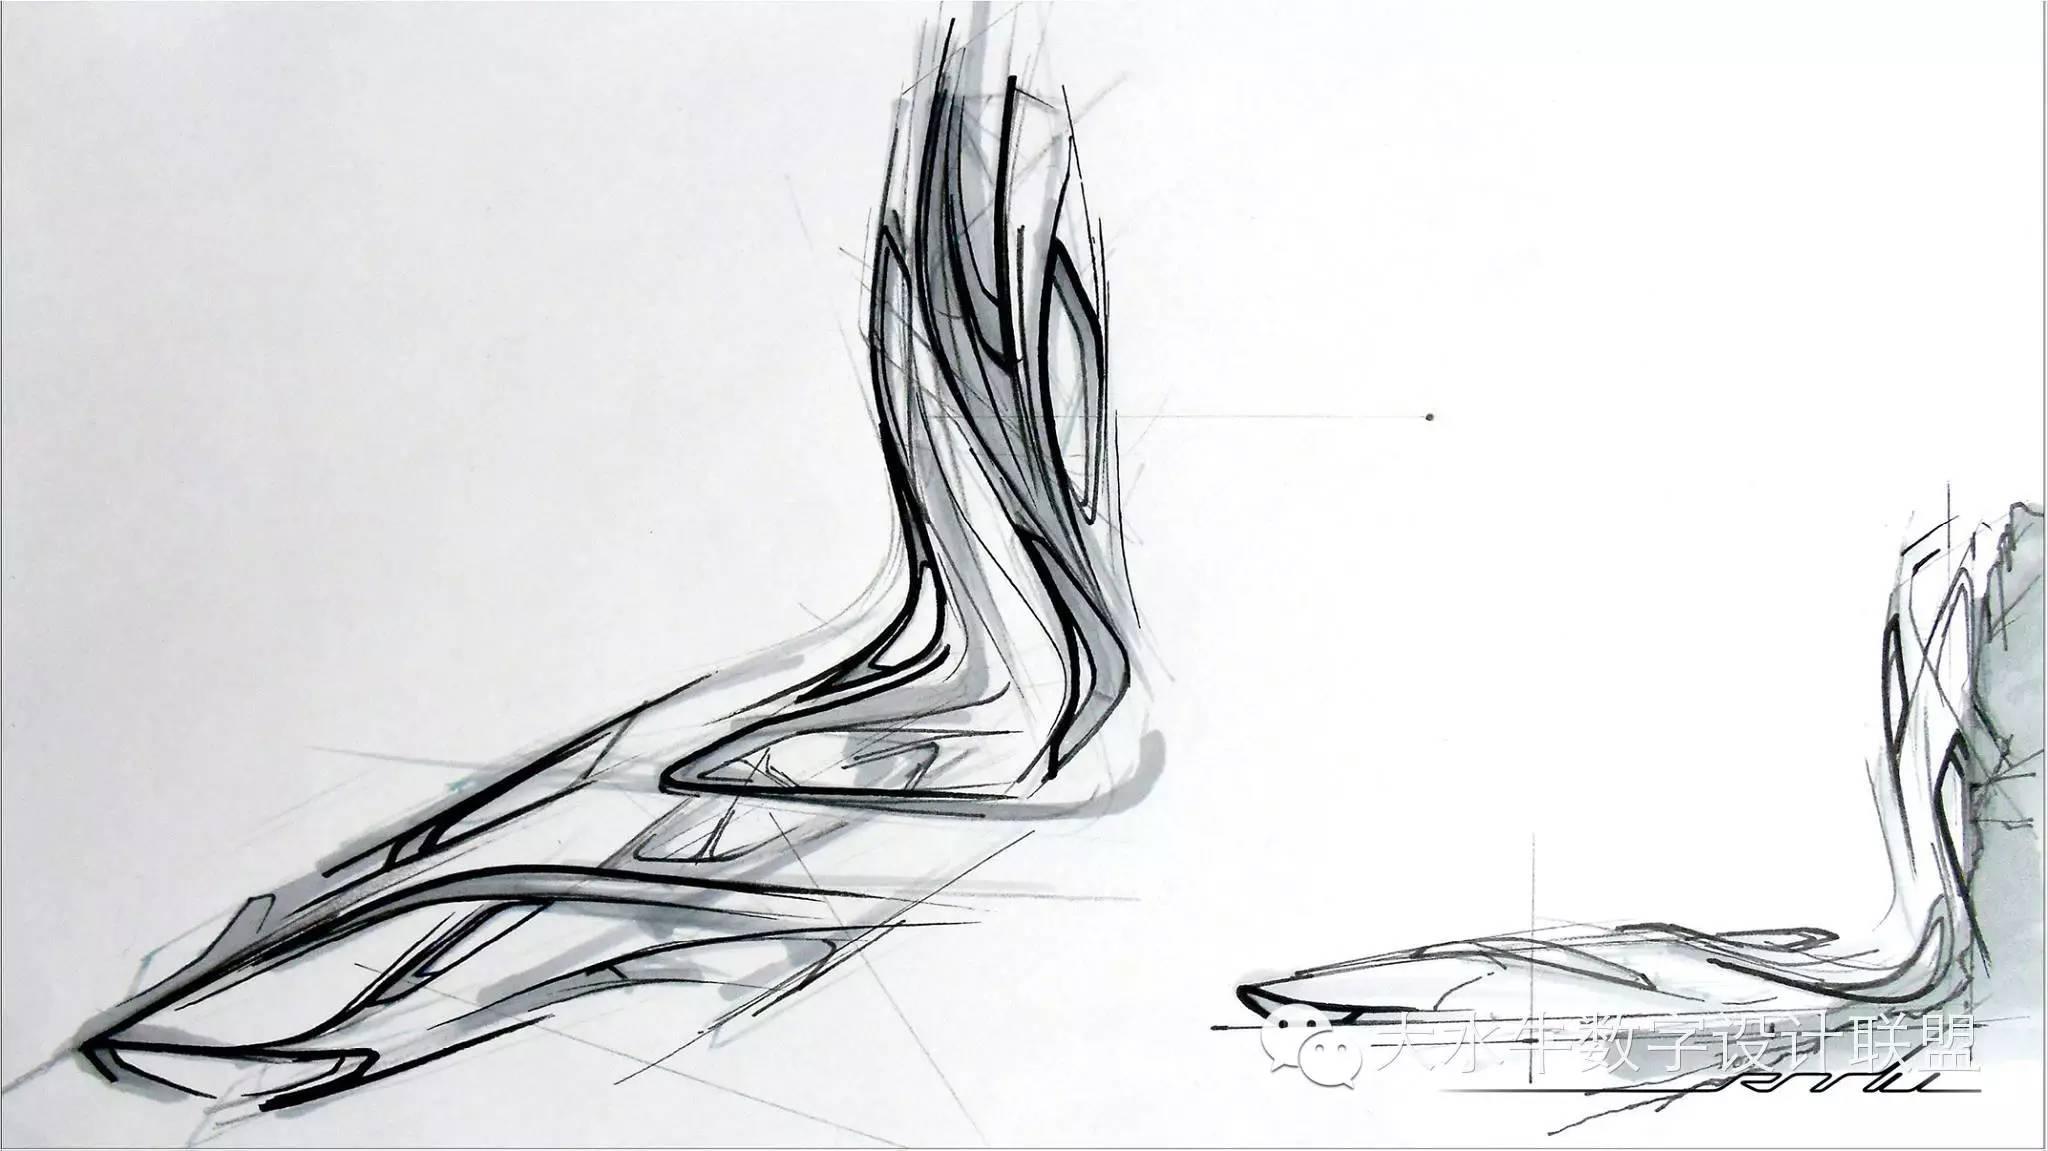 先用简单的手绘表达仿生对象的形态,再慢慢把线条建筑化,该直的地方直